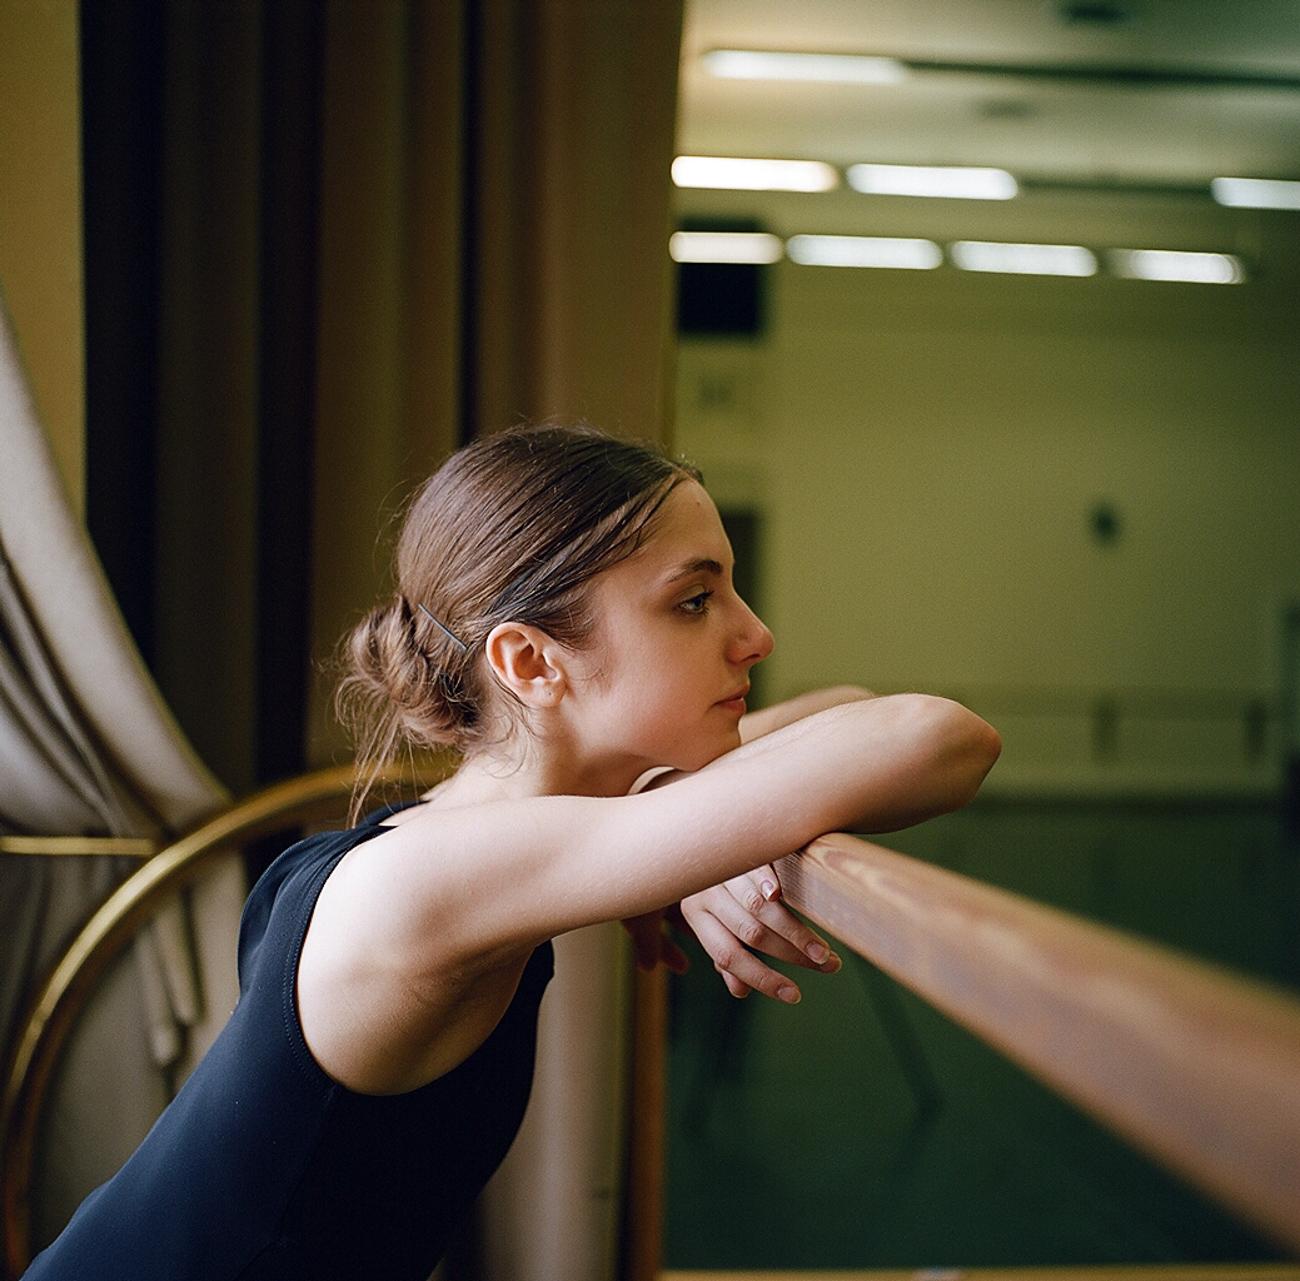 Das Theater ist immer auf der Suche nach künftigen Ballett-Stars und nimmt russische sowie ausländische Studenten auf.